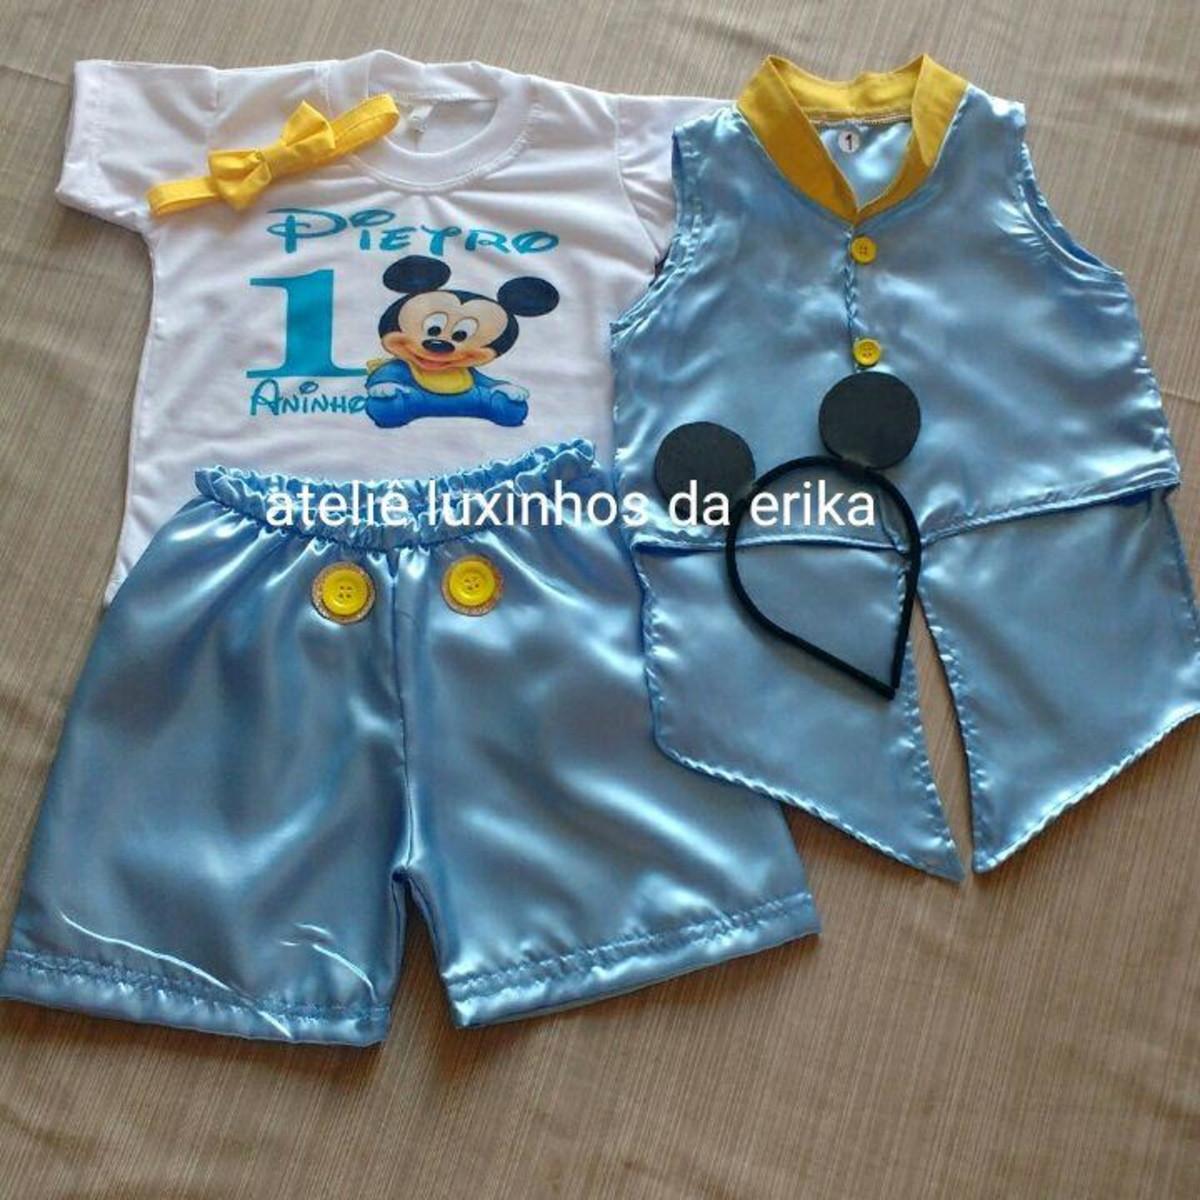 34f0090e462712 fantasia mickey baby